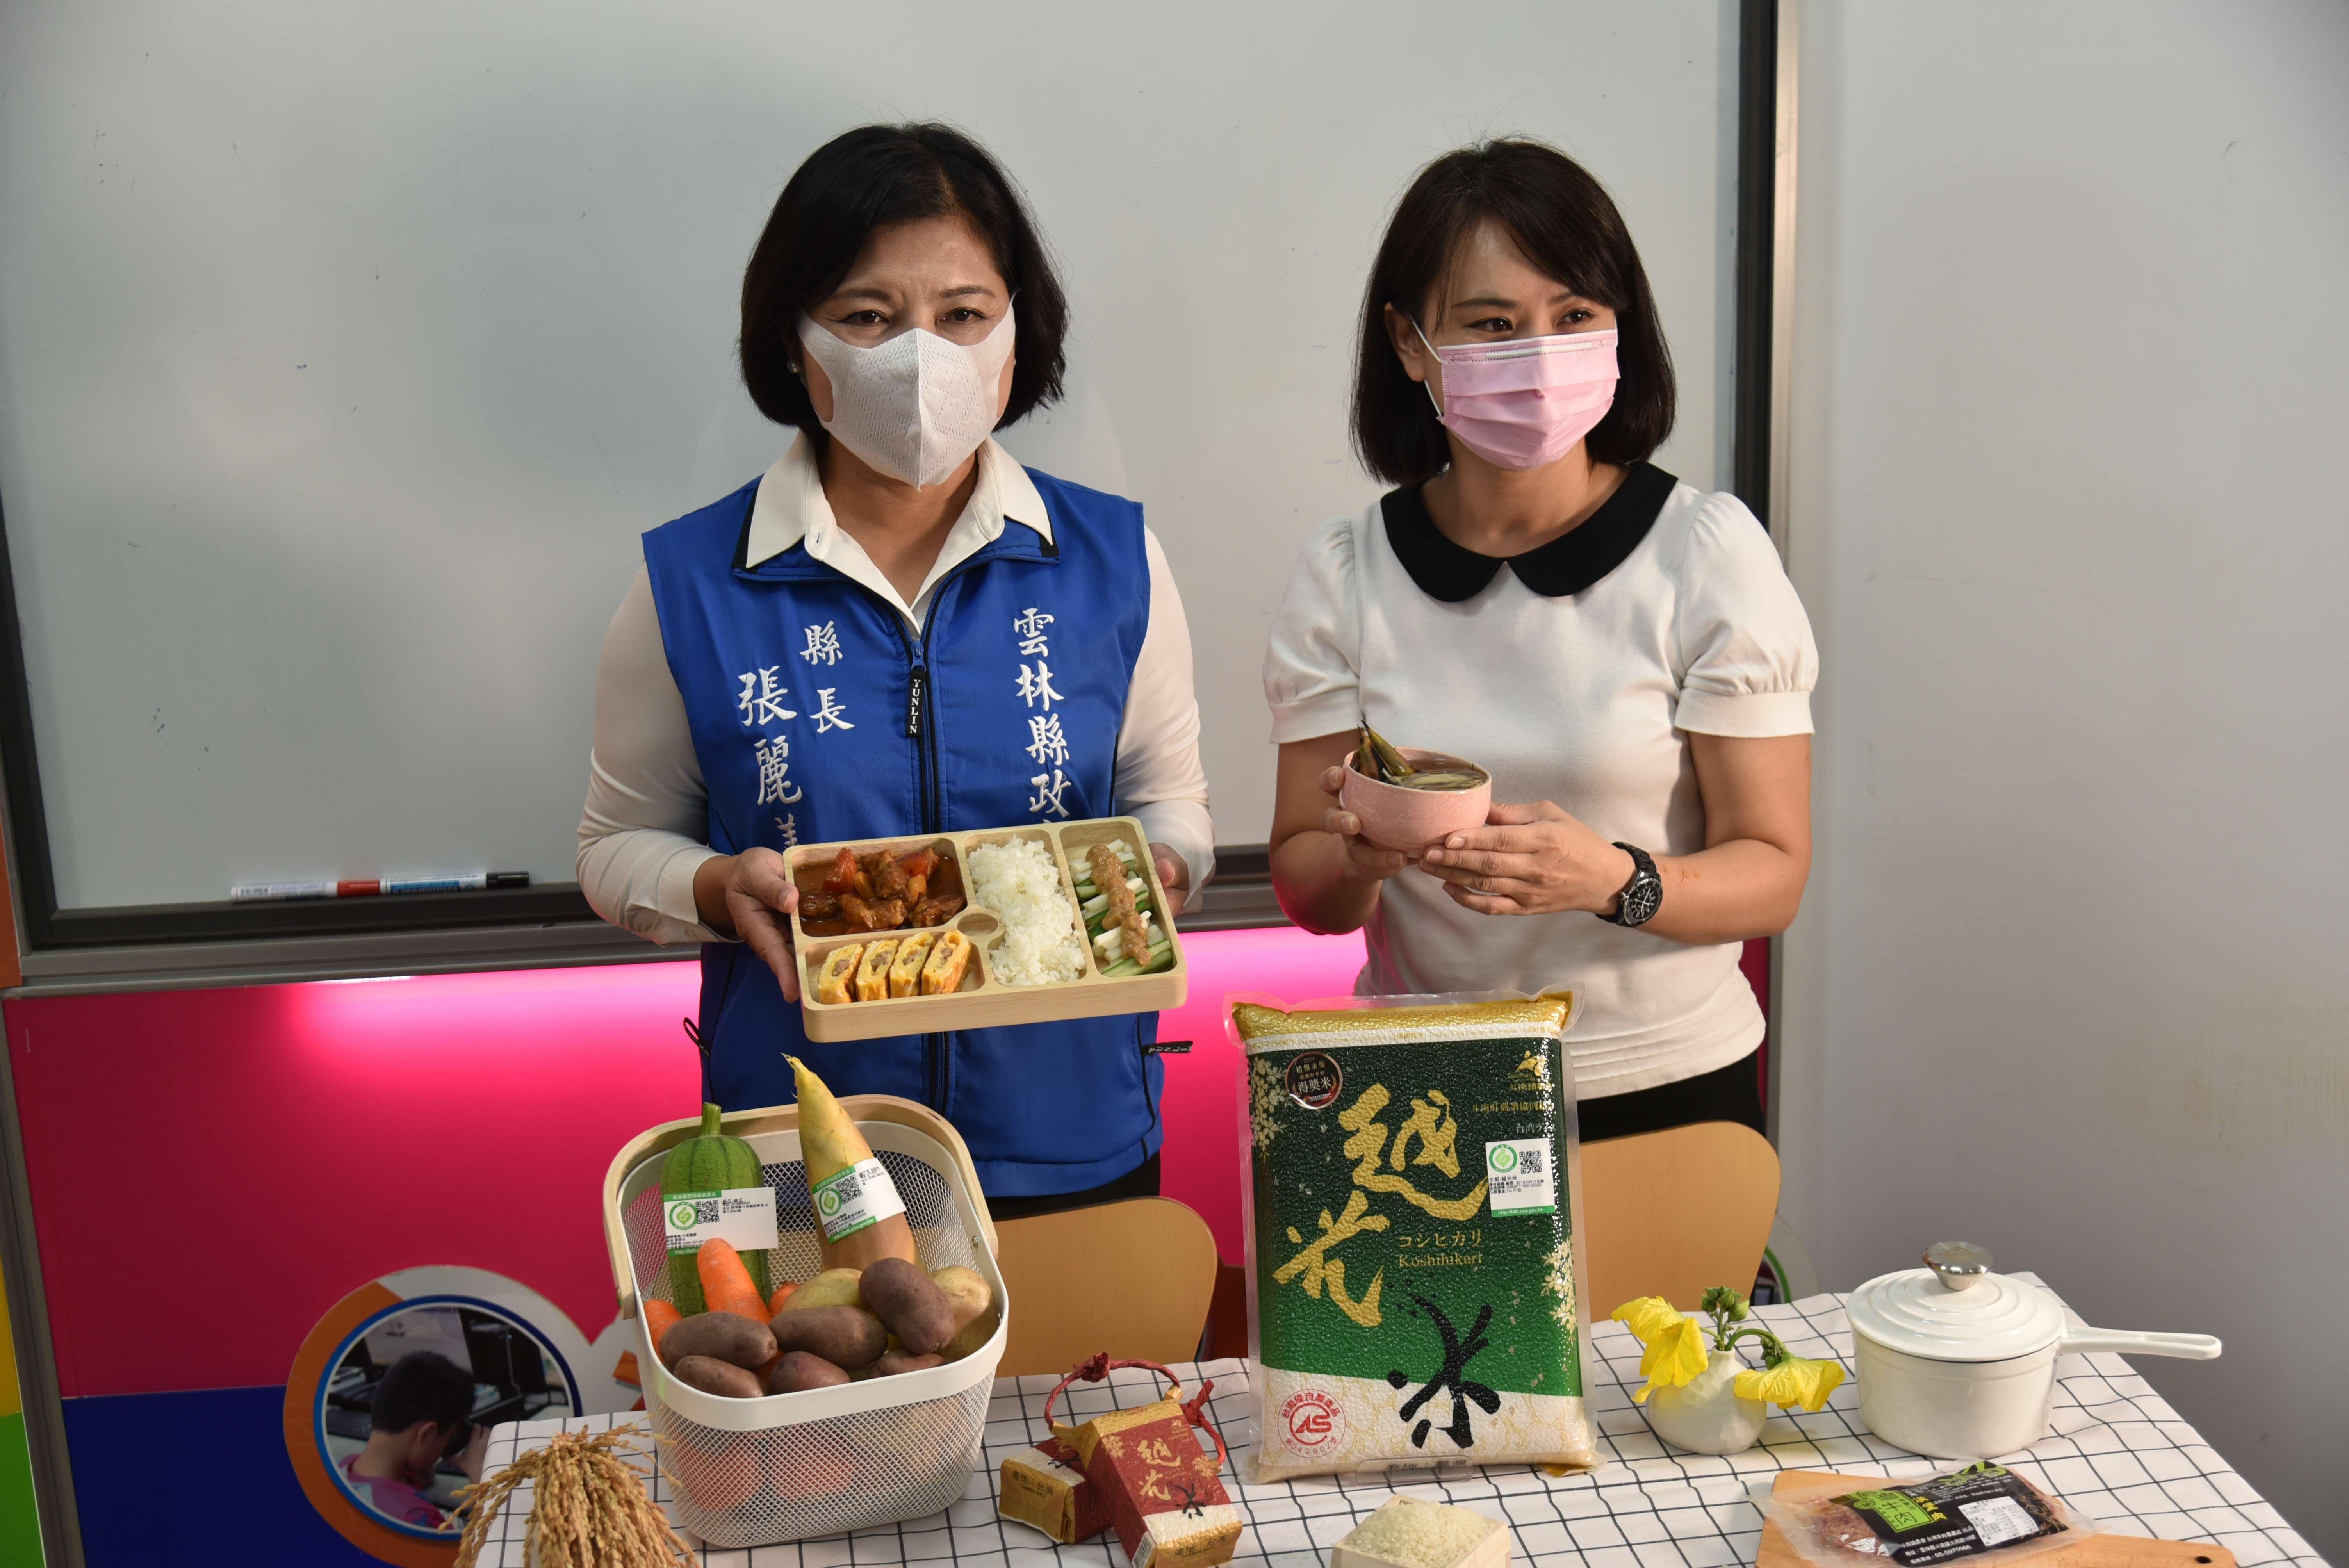 縣長張麗善、斗南鎮農會總幹事張燕容共同推廣「斗南食物日」